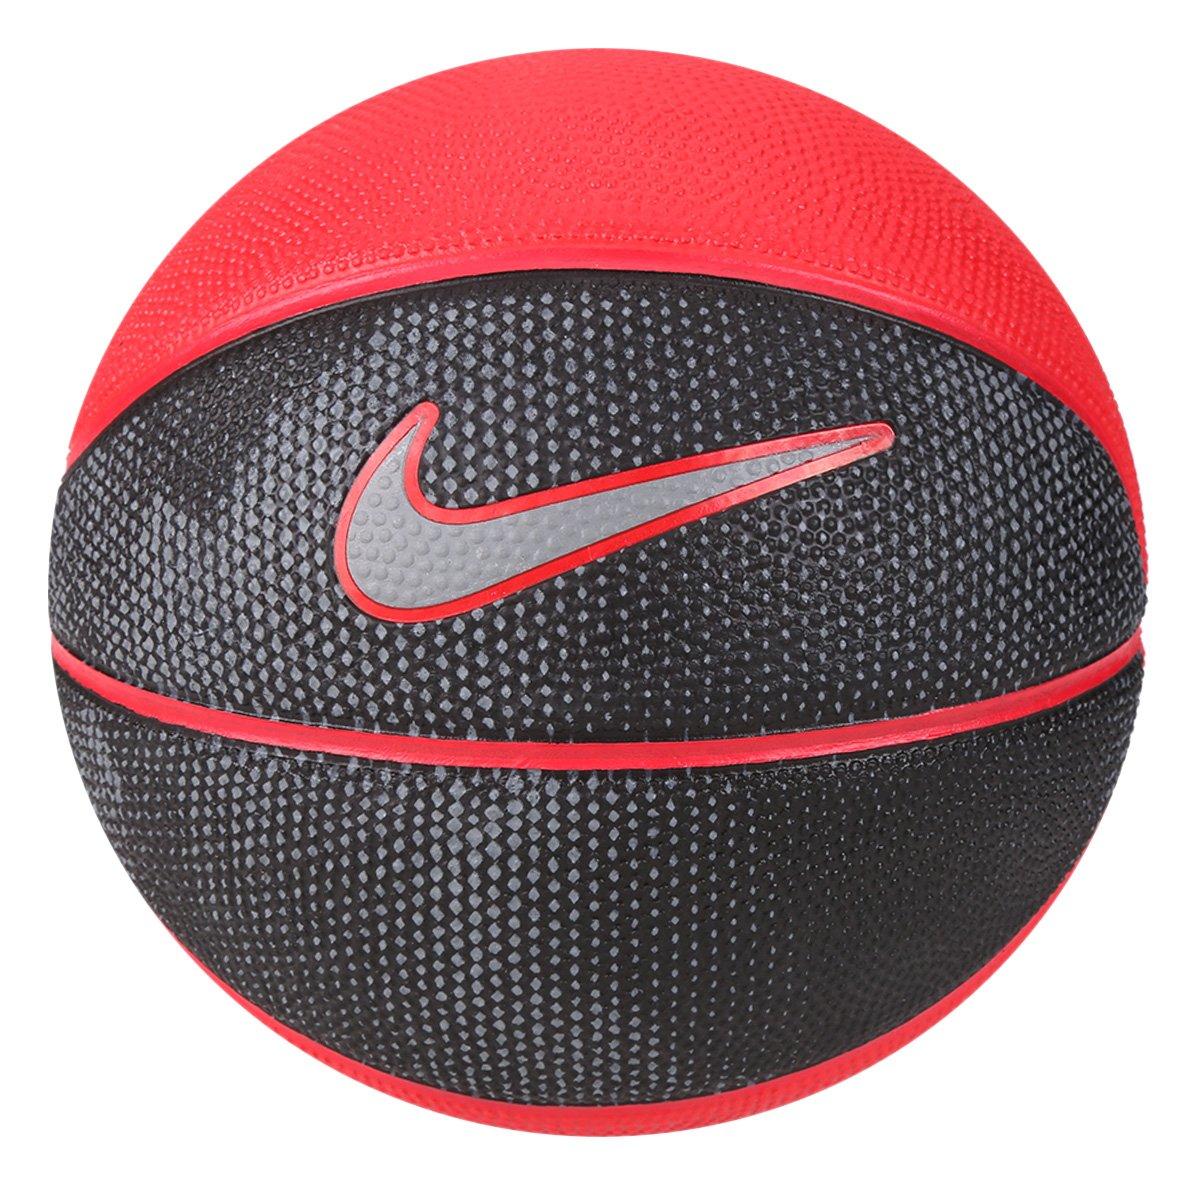 Bola Basquete Nike Swoosh Mini Tamanho 3 Mini - Vermelho e Preto ... 3294f1a6fe33a